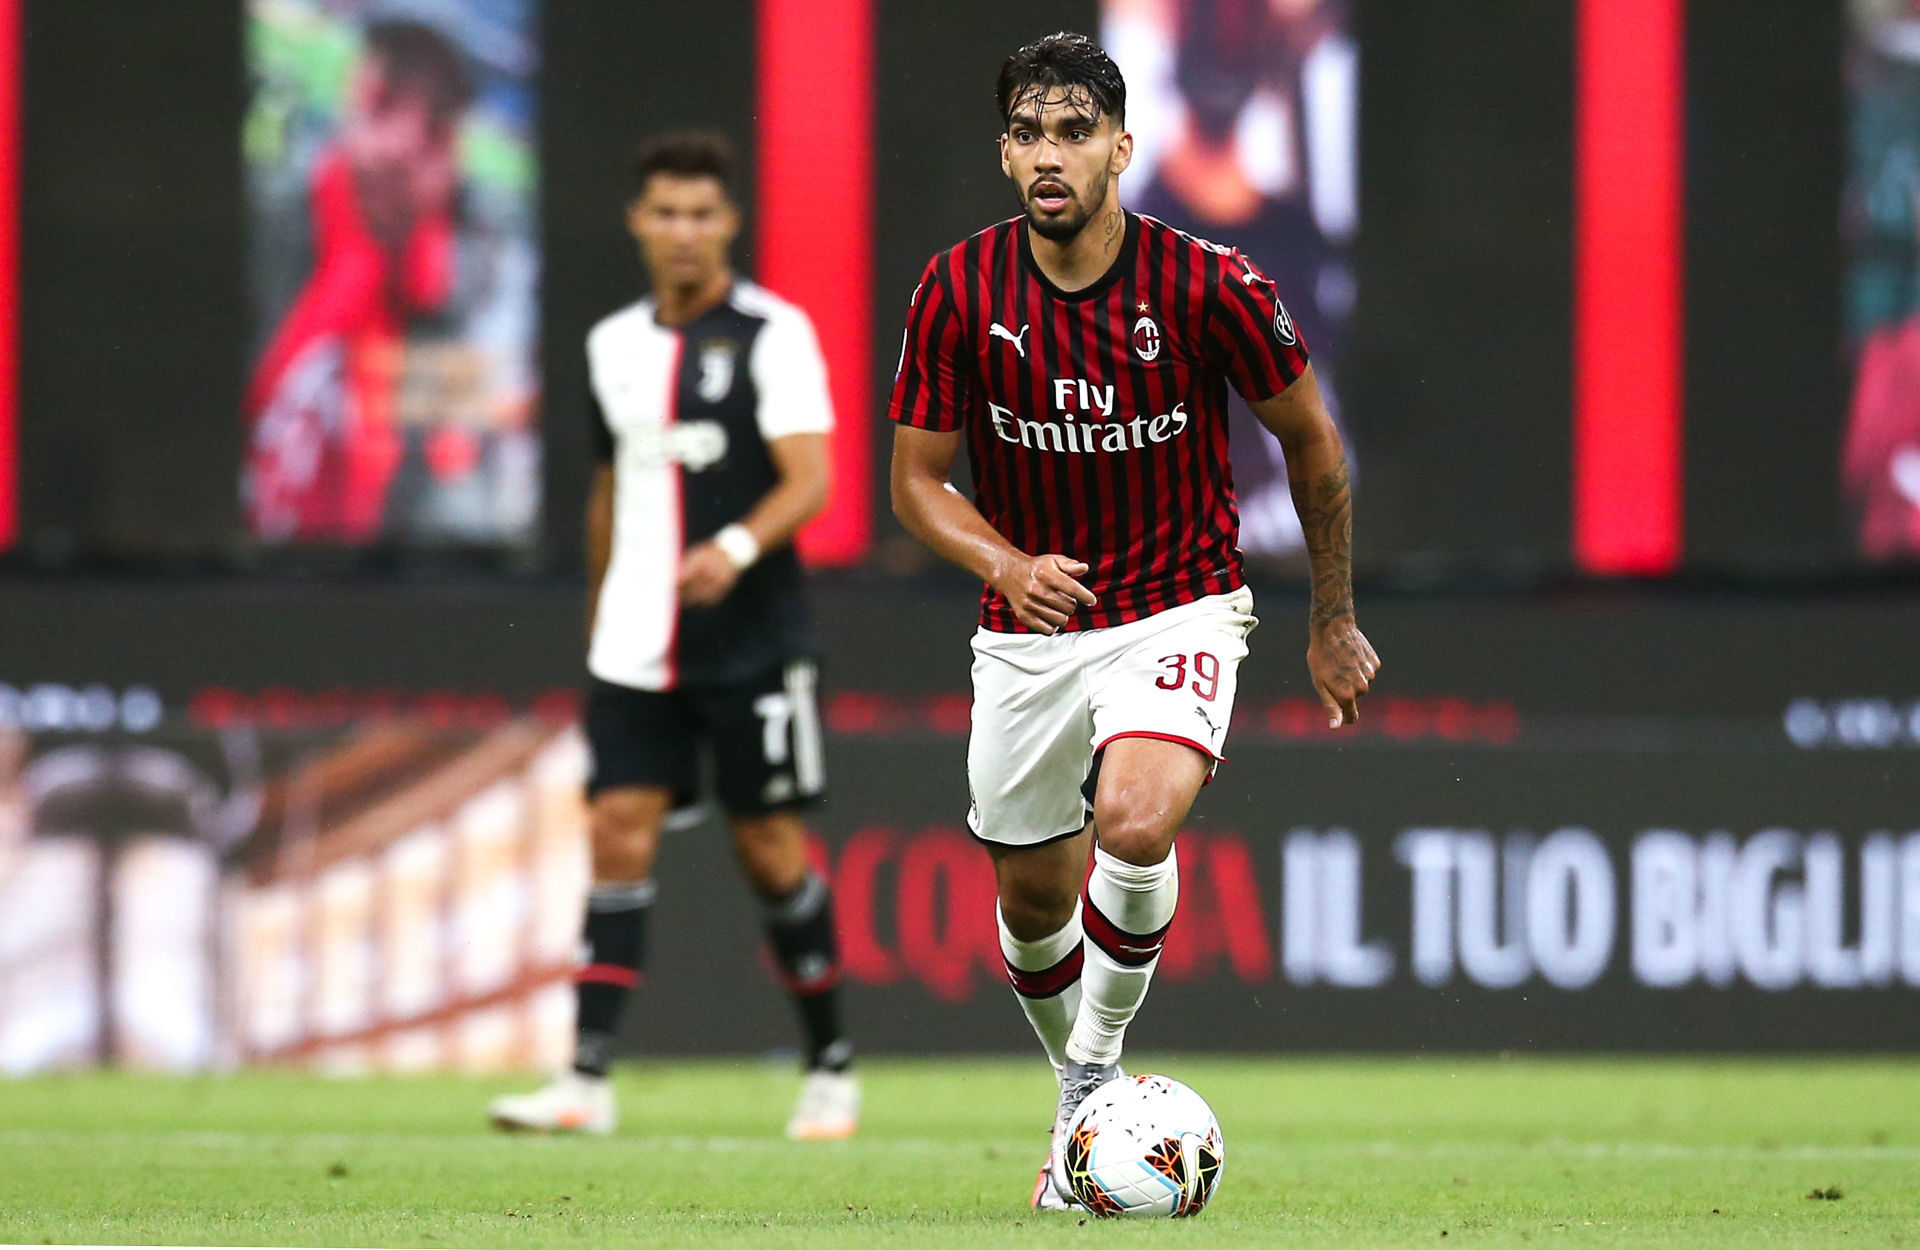 Le style de jeu de Lucas Paqueta, basé sur les dribbles et la prise de risque, ne convenait peut-être pas à l'AC Milan de l'époque. Icon Sport